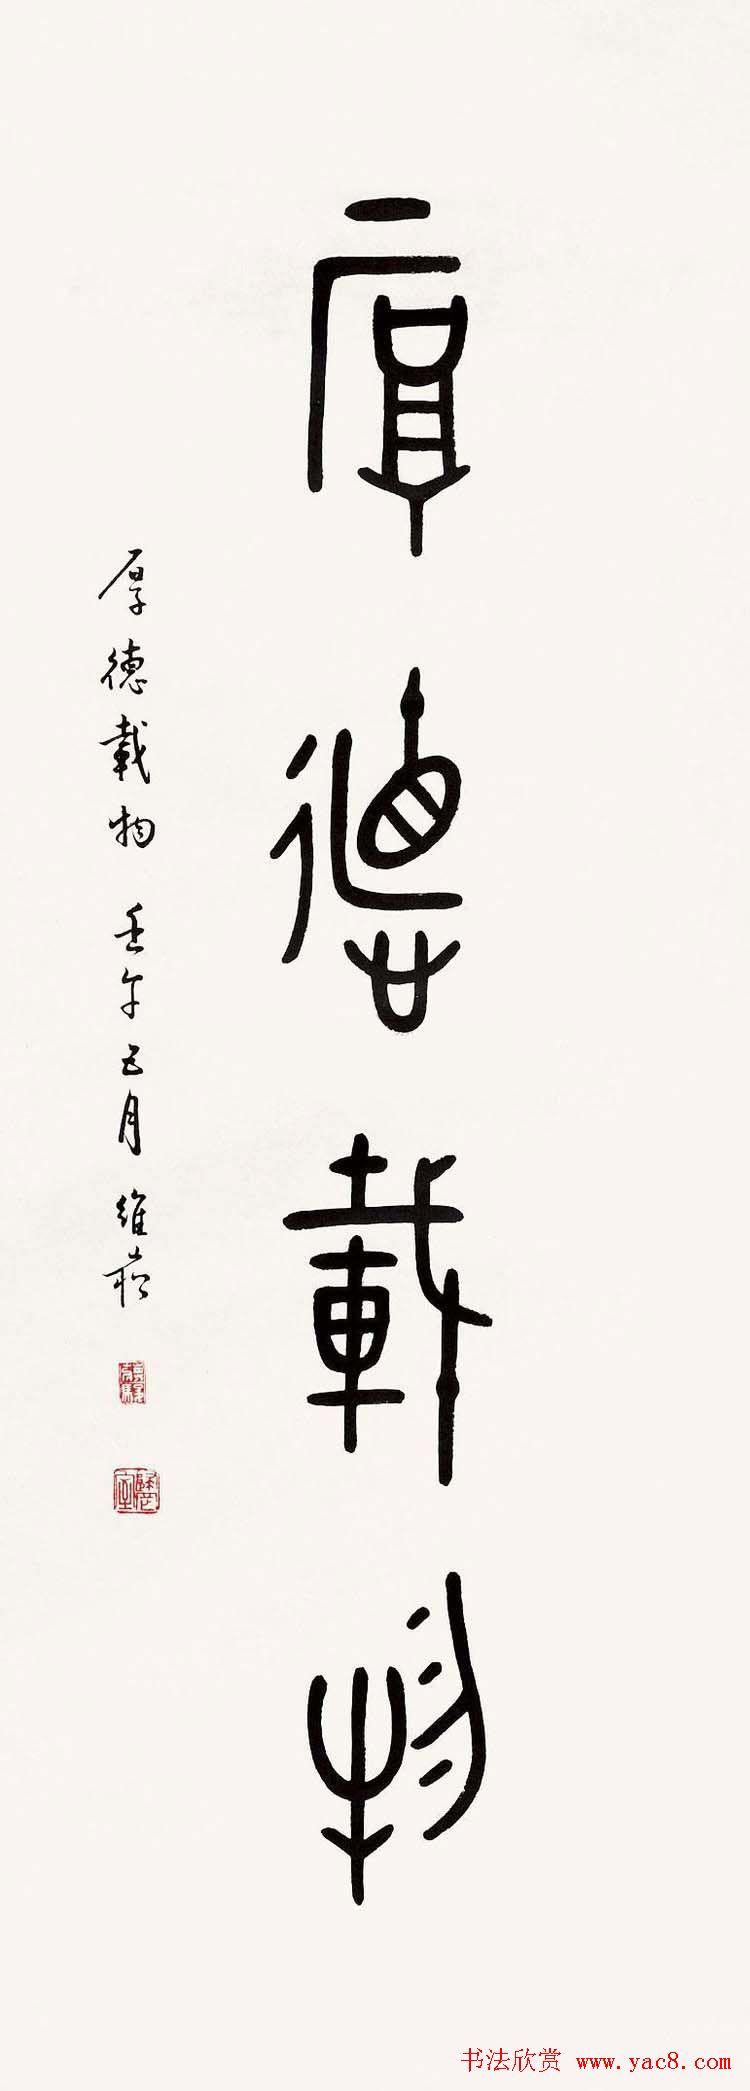 蒋维崧篆书书法作品欣赏 第25页 毛笔书法 书法欣赏